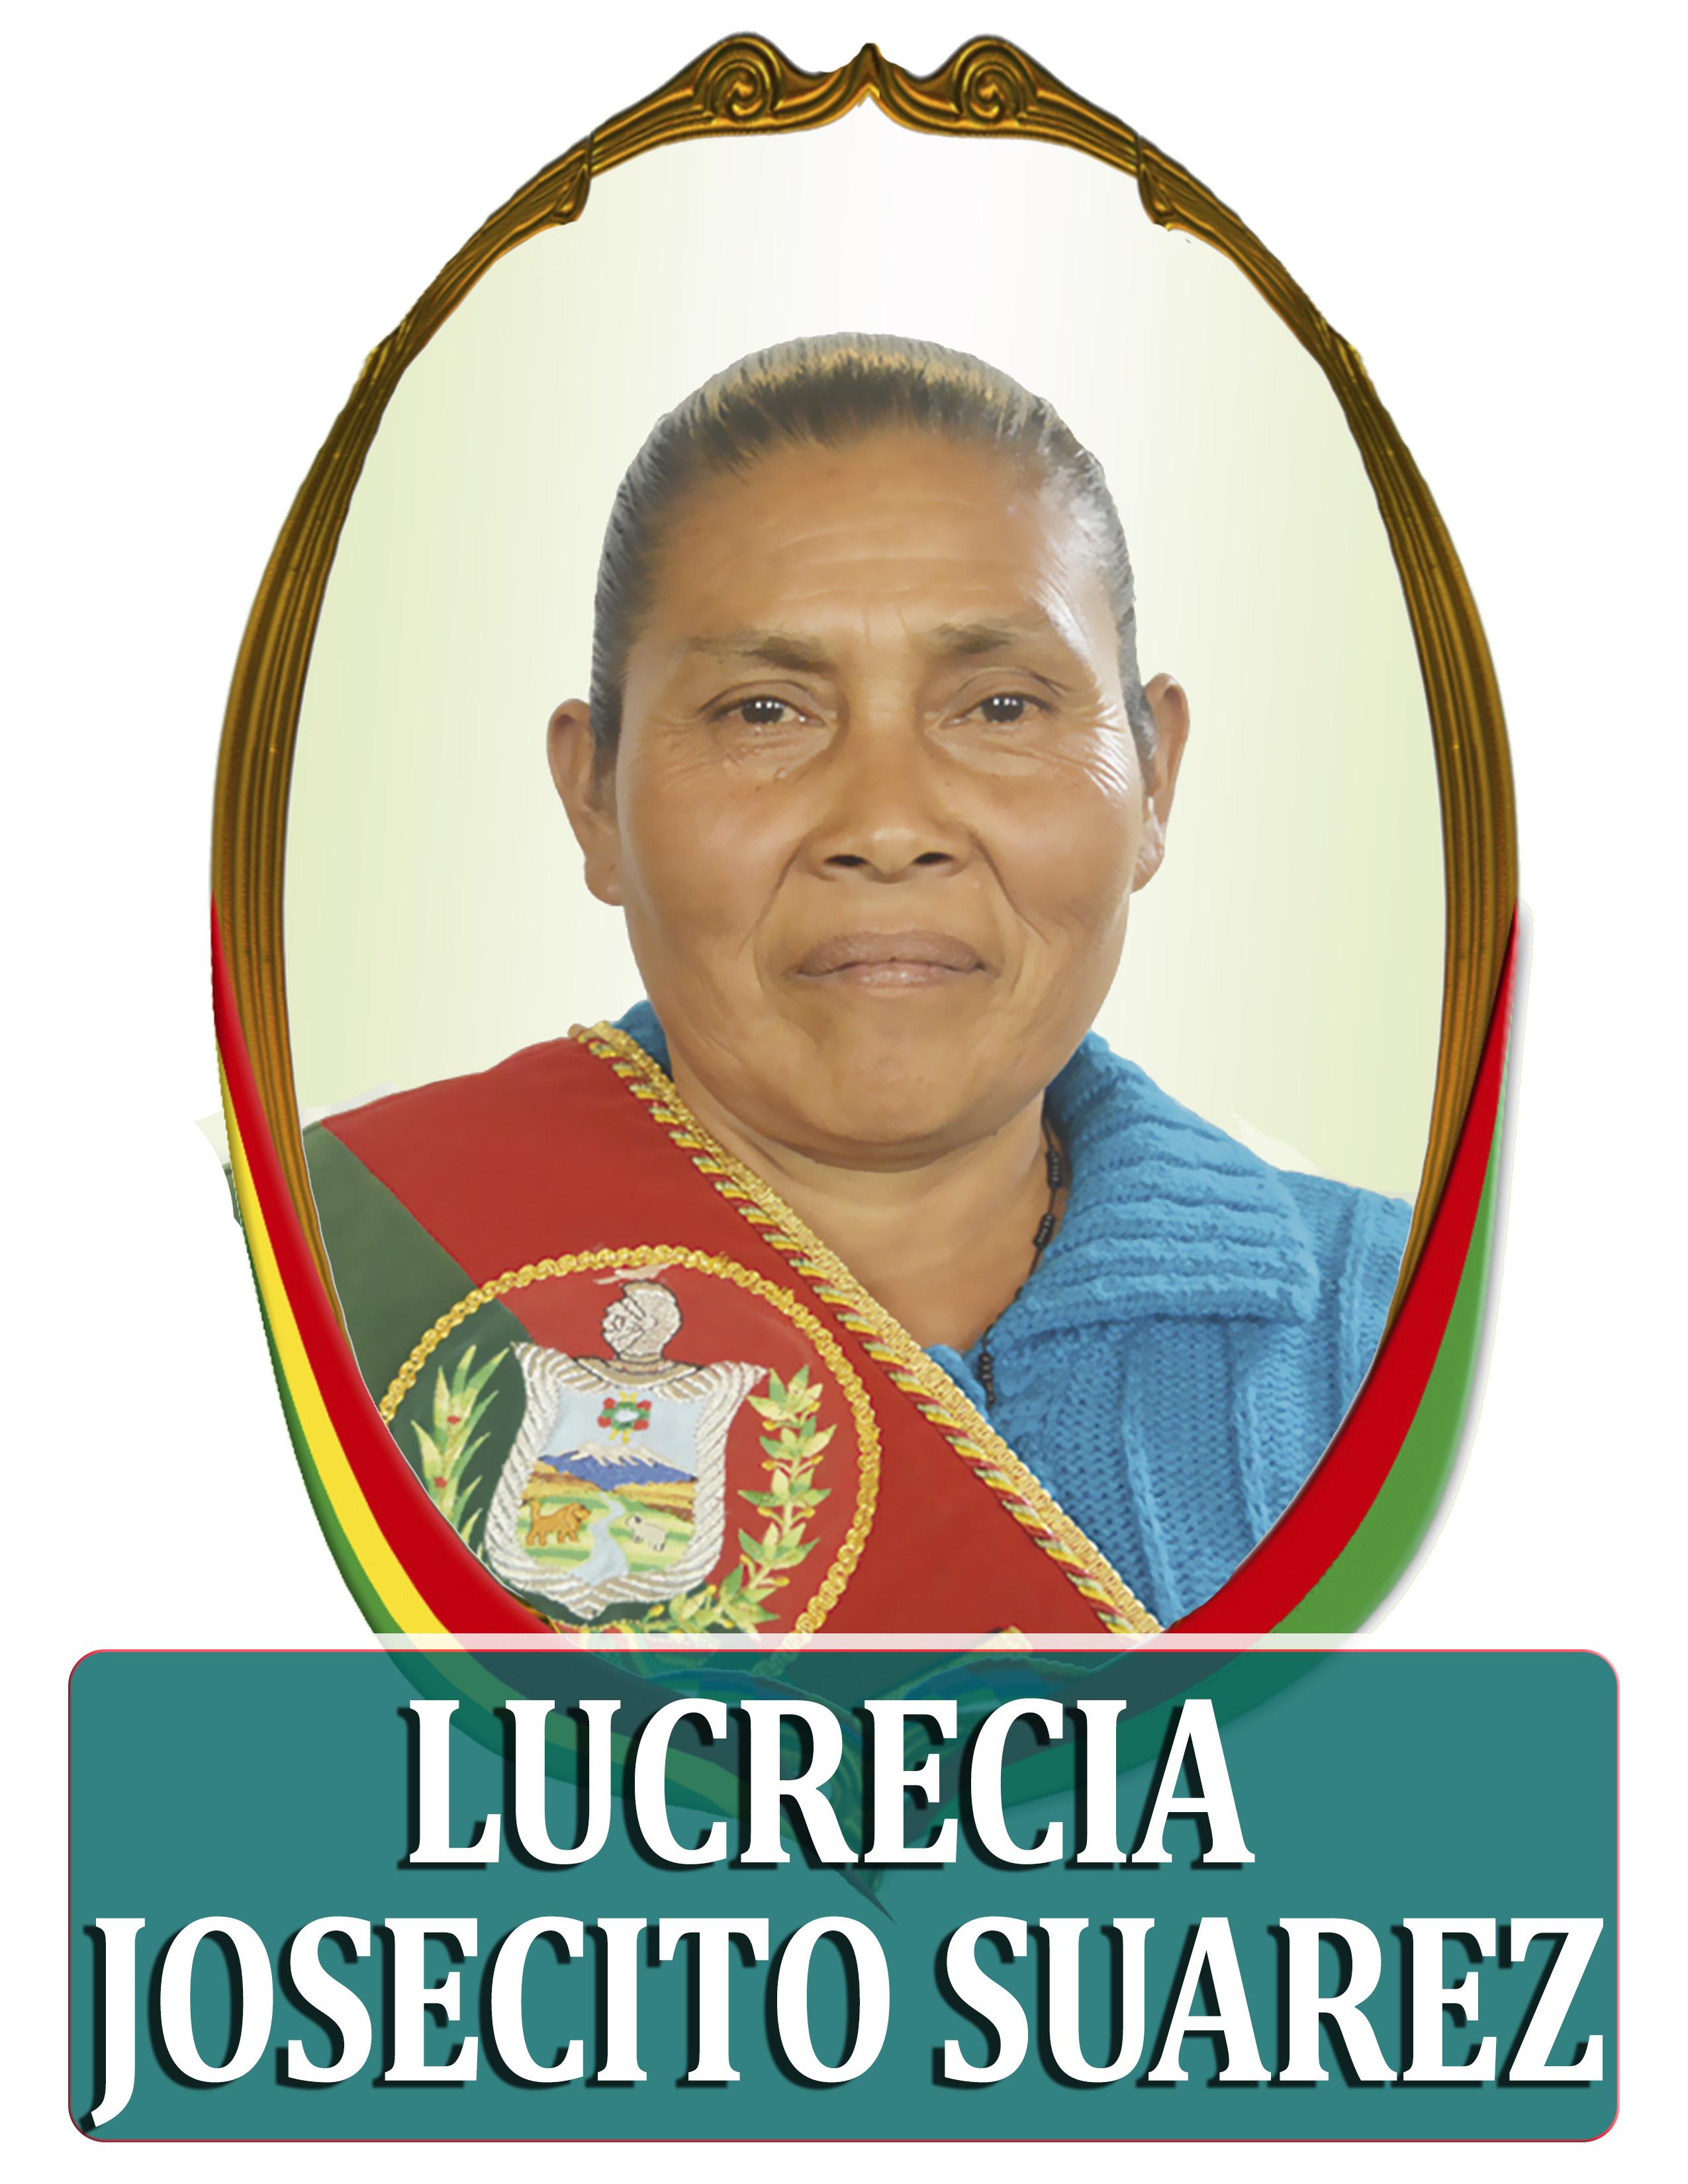 LUCRECIA JOSECITO SUAREZ